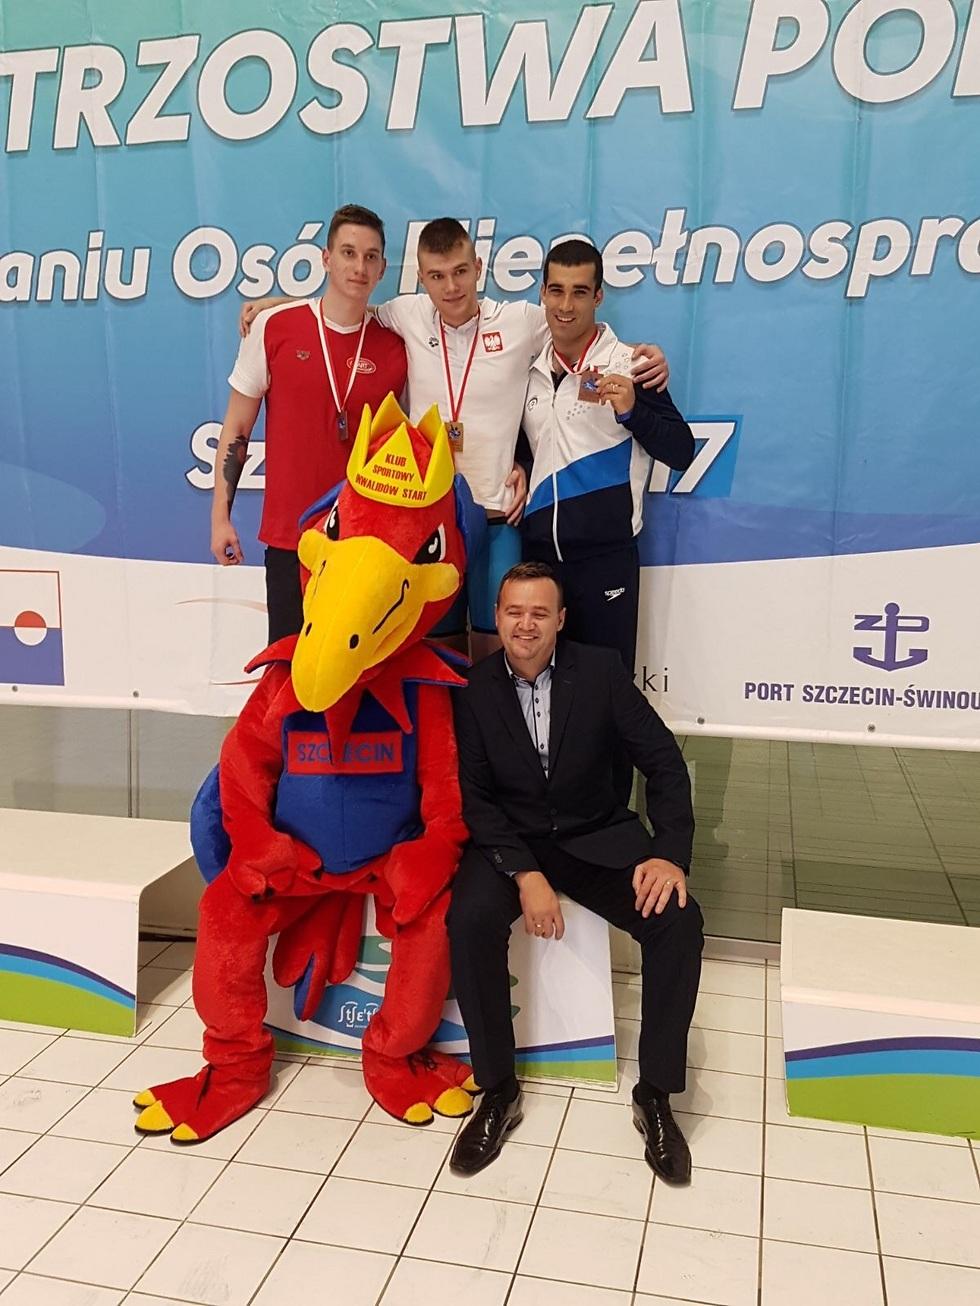 יואב ולינסקי (מימין) חוגג (צילום: באדיבות הוועד הפראלימפי) (צילום: באדיבות הוועד הפראלימפי)